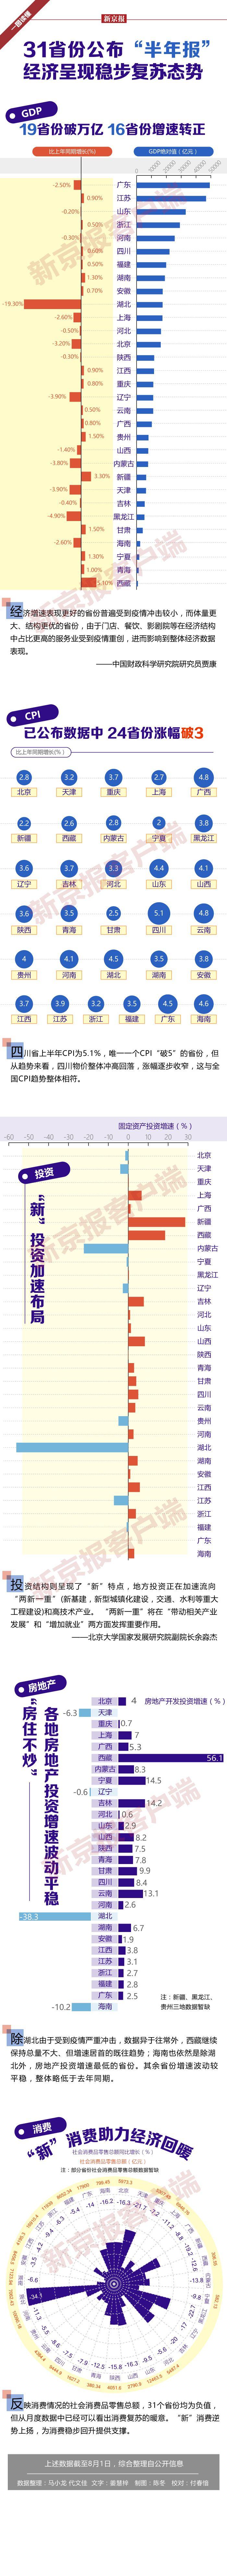 """31省份公布""""半年报"""",经济呈现稳步复苏态势图片"""